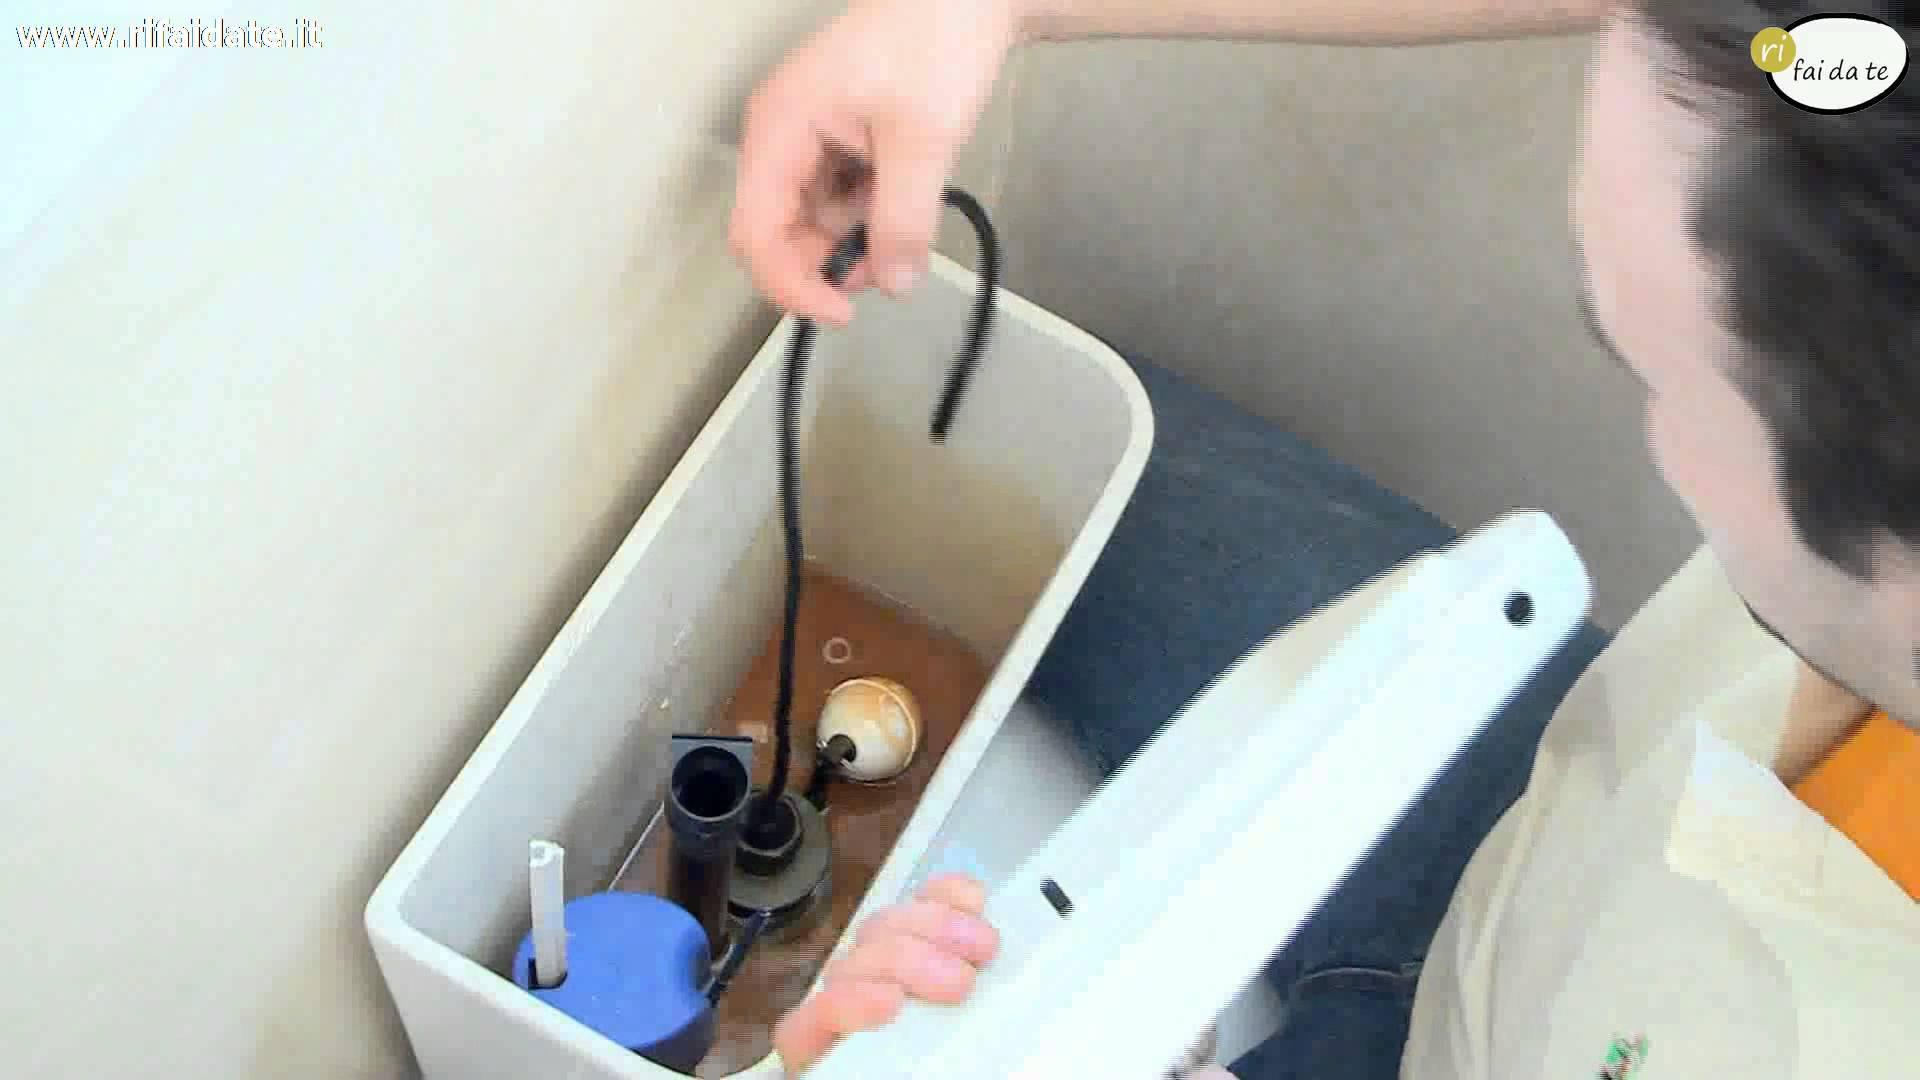 la cassetta wc perde acqua? come ripararla - bagnolandia